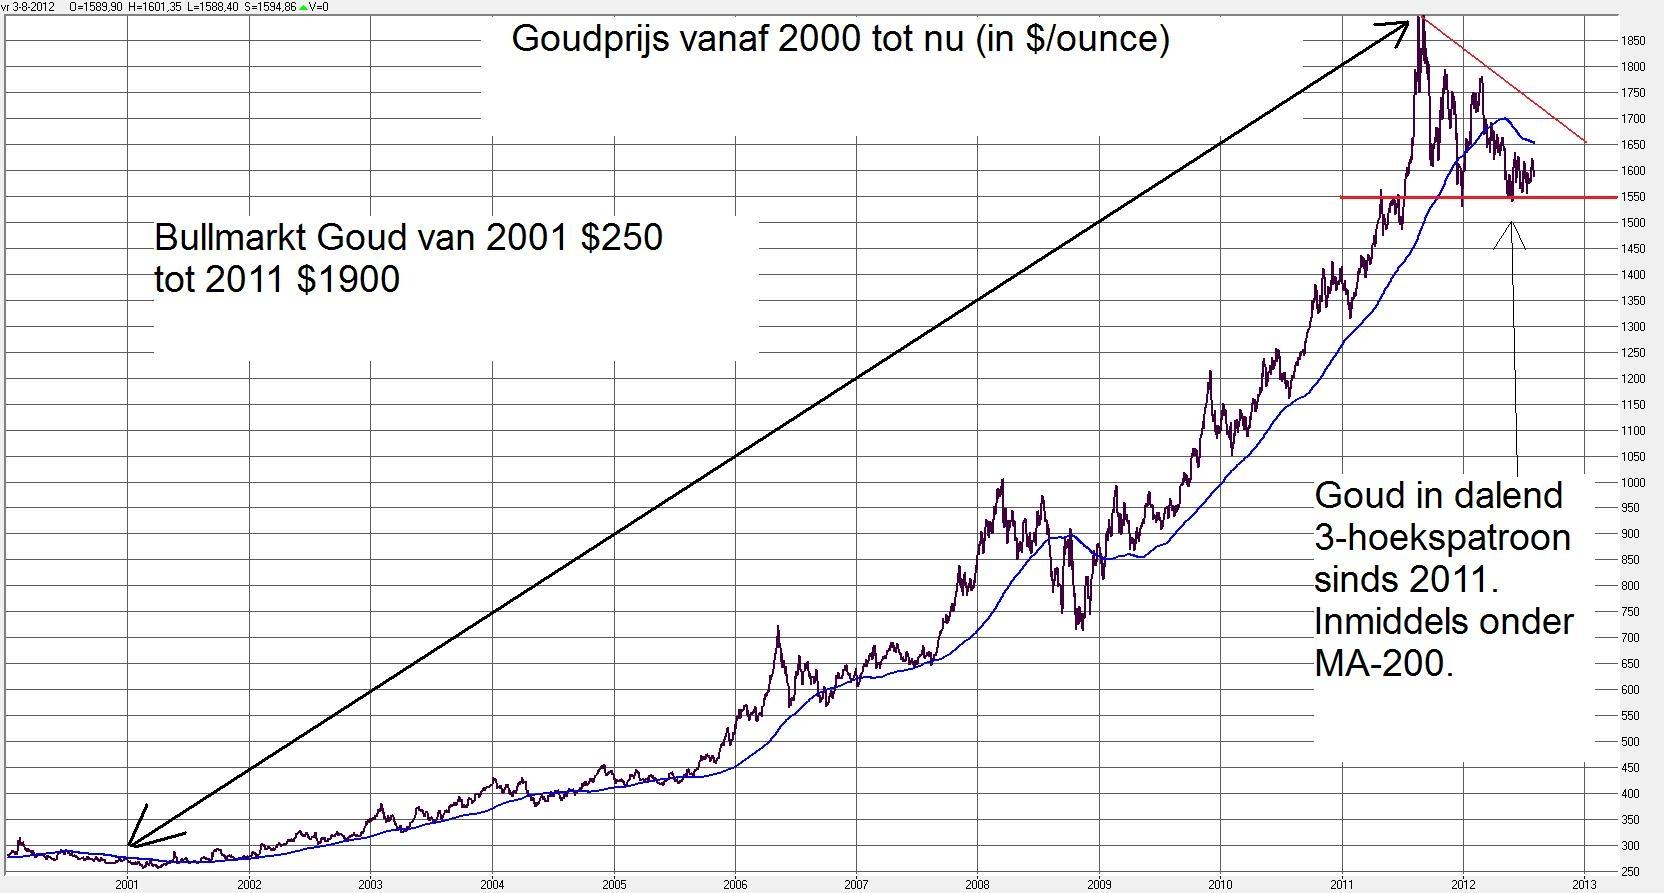 goud grafiek laatste 100 jaar